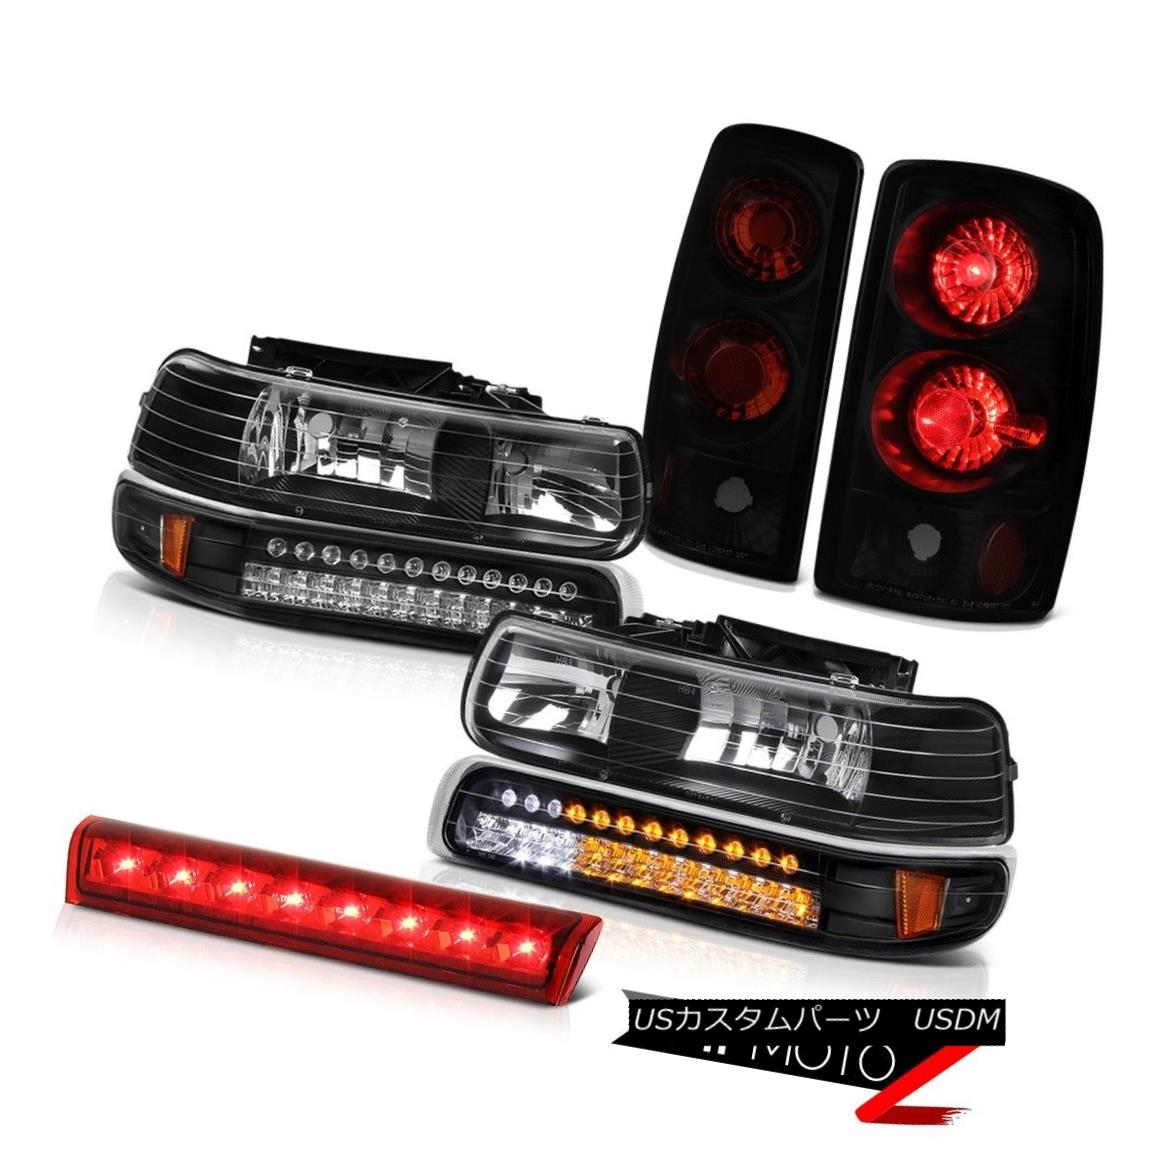 ヘッドライト 00-06 Tahoe LS Black LED Bumper Headlights Sinister Rear Tail Lights Roof Brake 00-06 Tahoe LSブラックLEDバンパーヘッドライト不快な後部テールライトルーフブレーキ